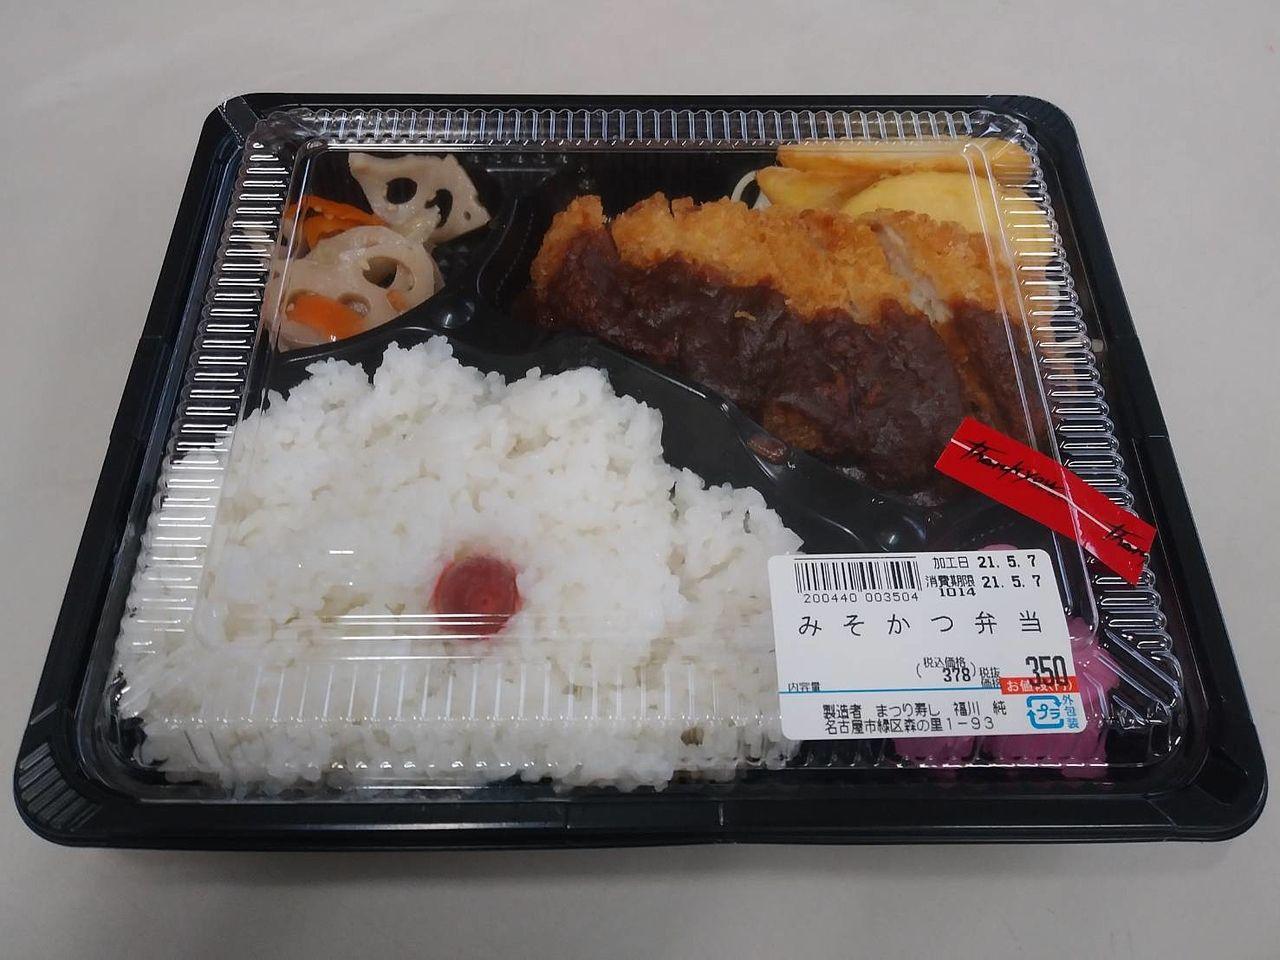 350円をなめていました。思いのほかにお腹が一杯になりました。みそが美味しかった。